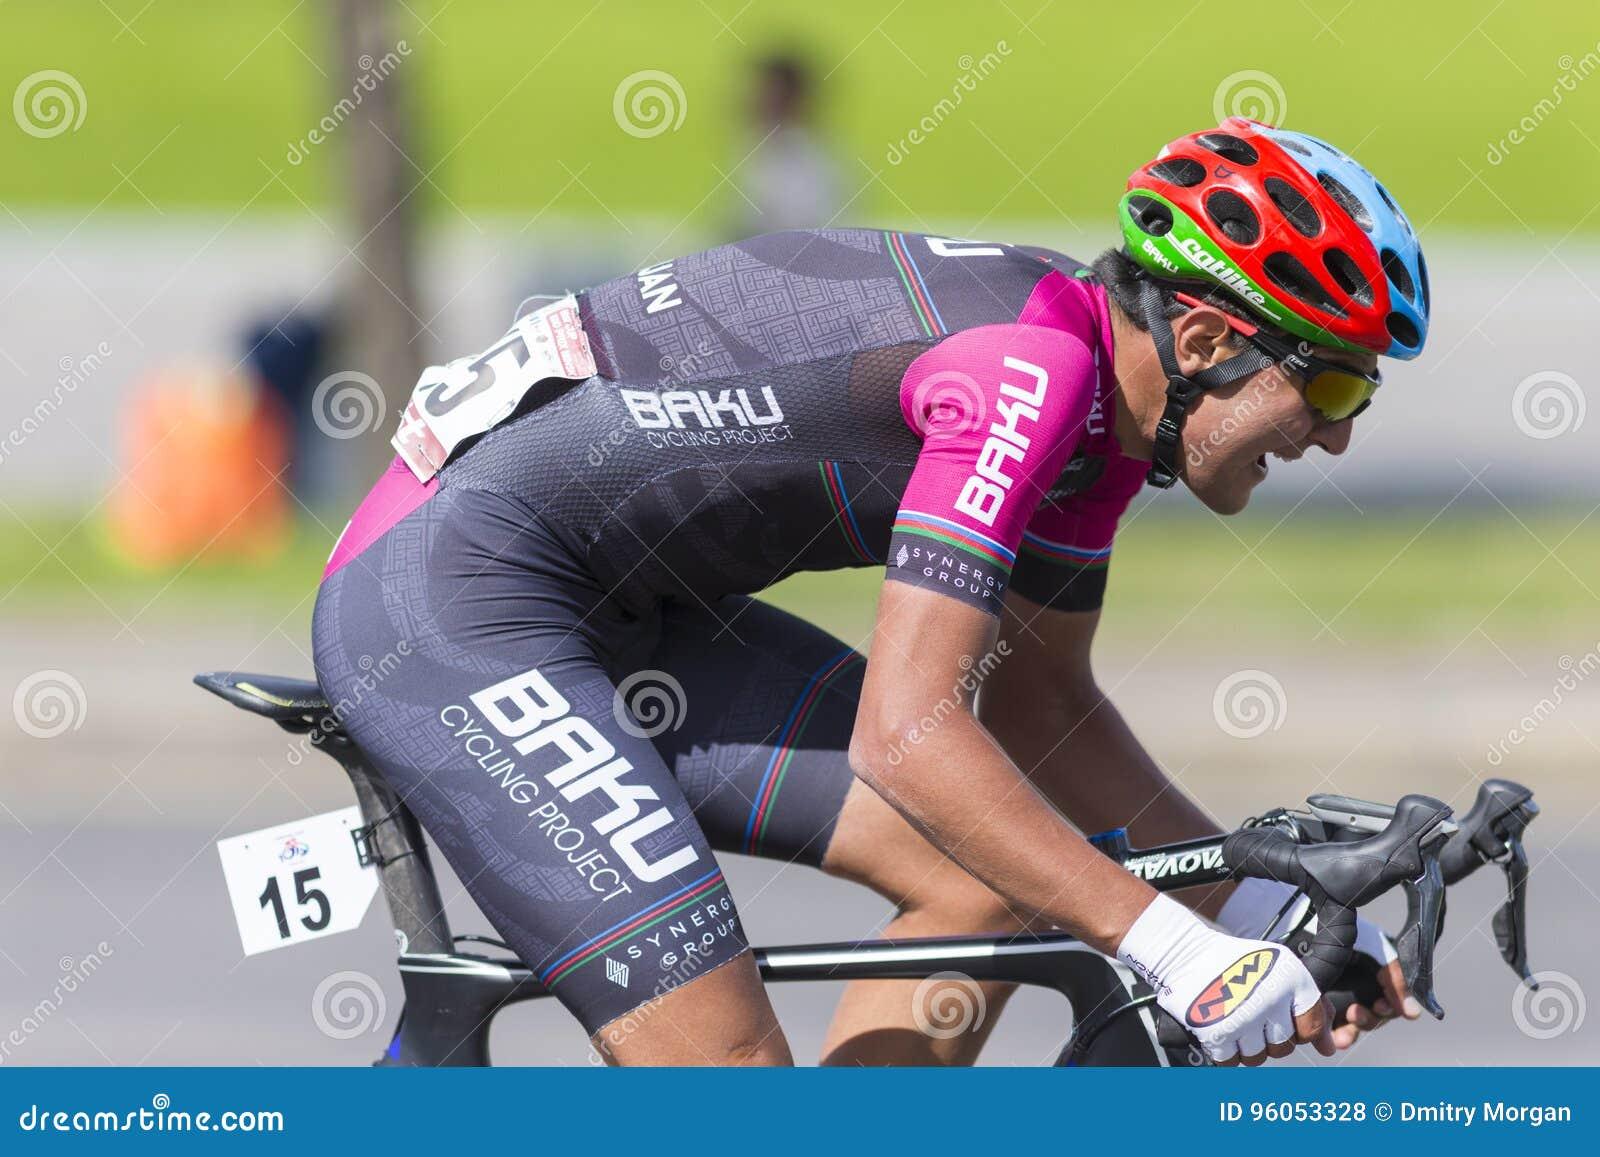 Cycliste de route dans le Peloton professionnel pendant la concurrence de recyclage Grand prix Minsk-2017 de route internationale